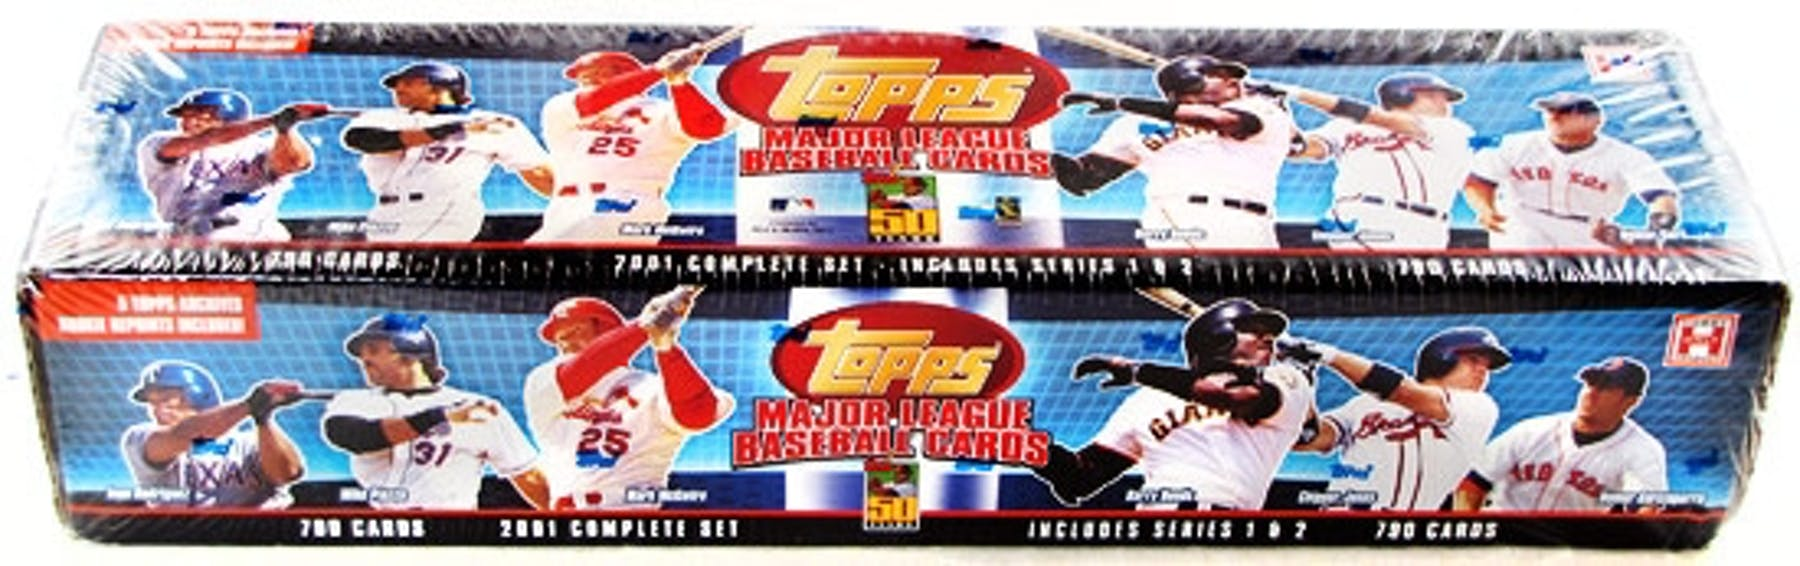 2001 Topps Baseball Hobby Factory Set Box Blue